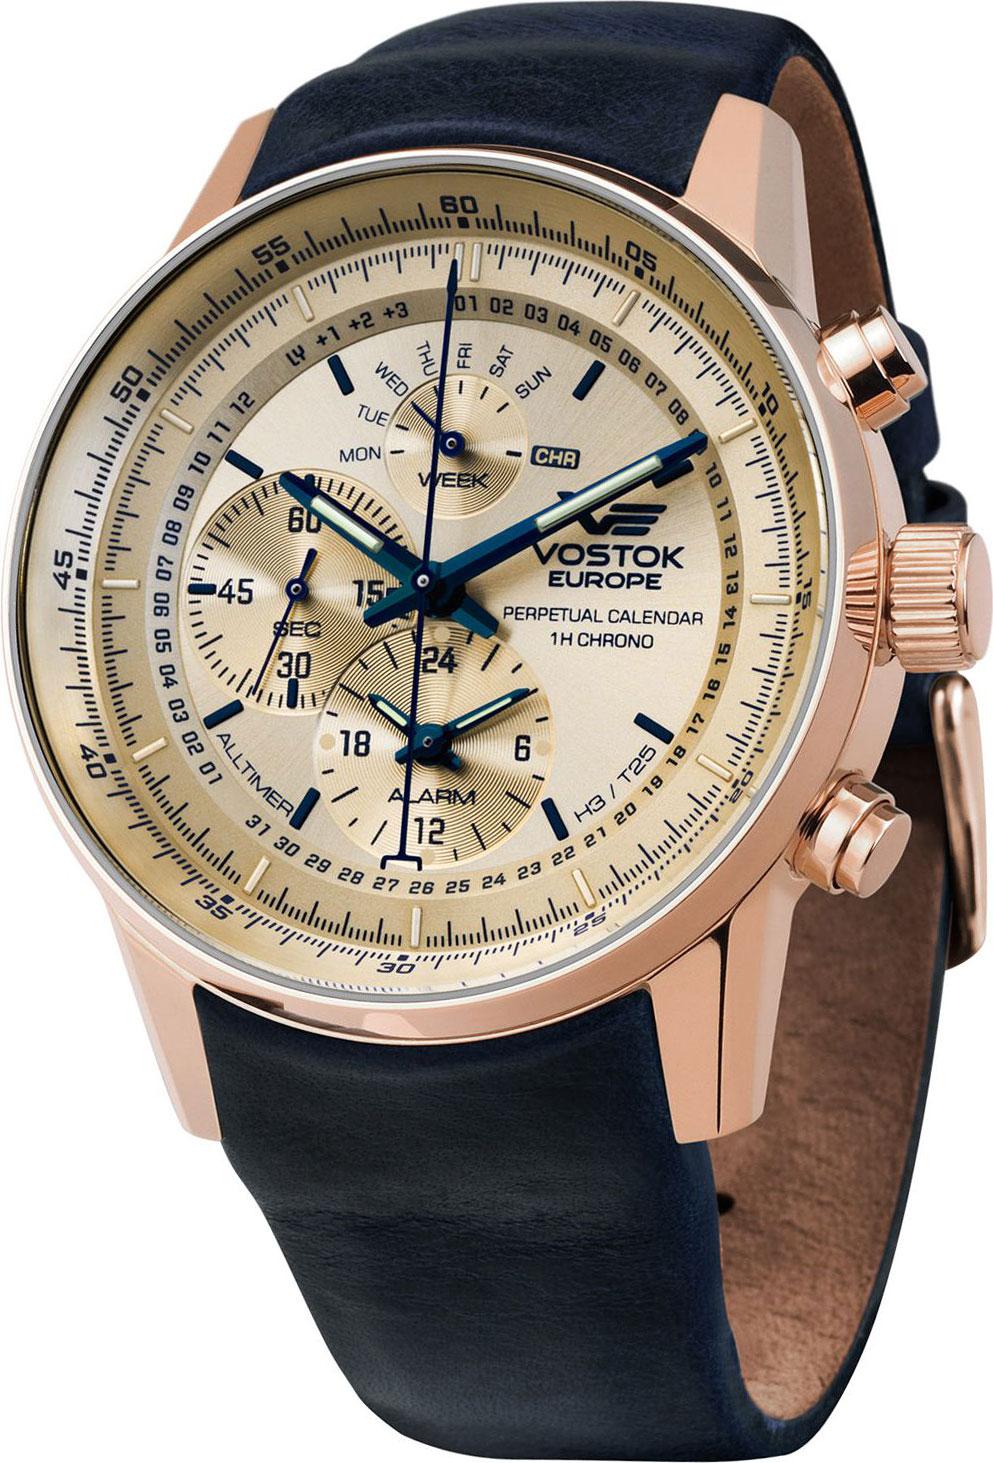 Мужские часы Vostok Europe YM86/565B290